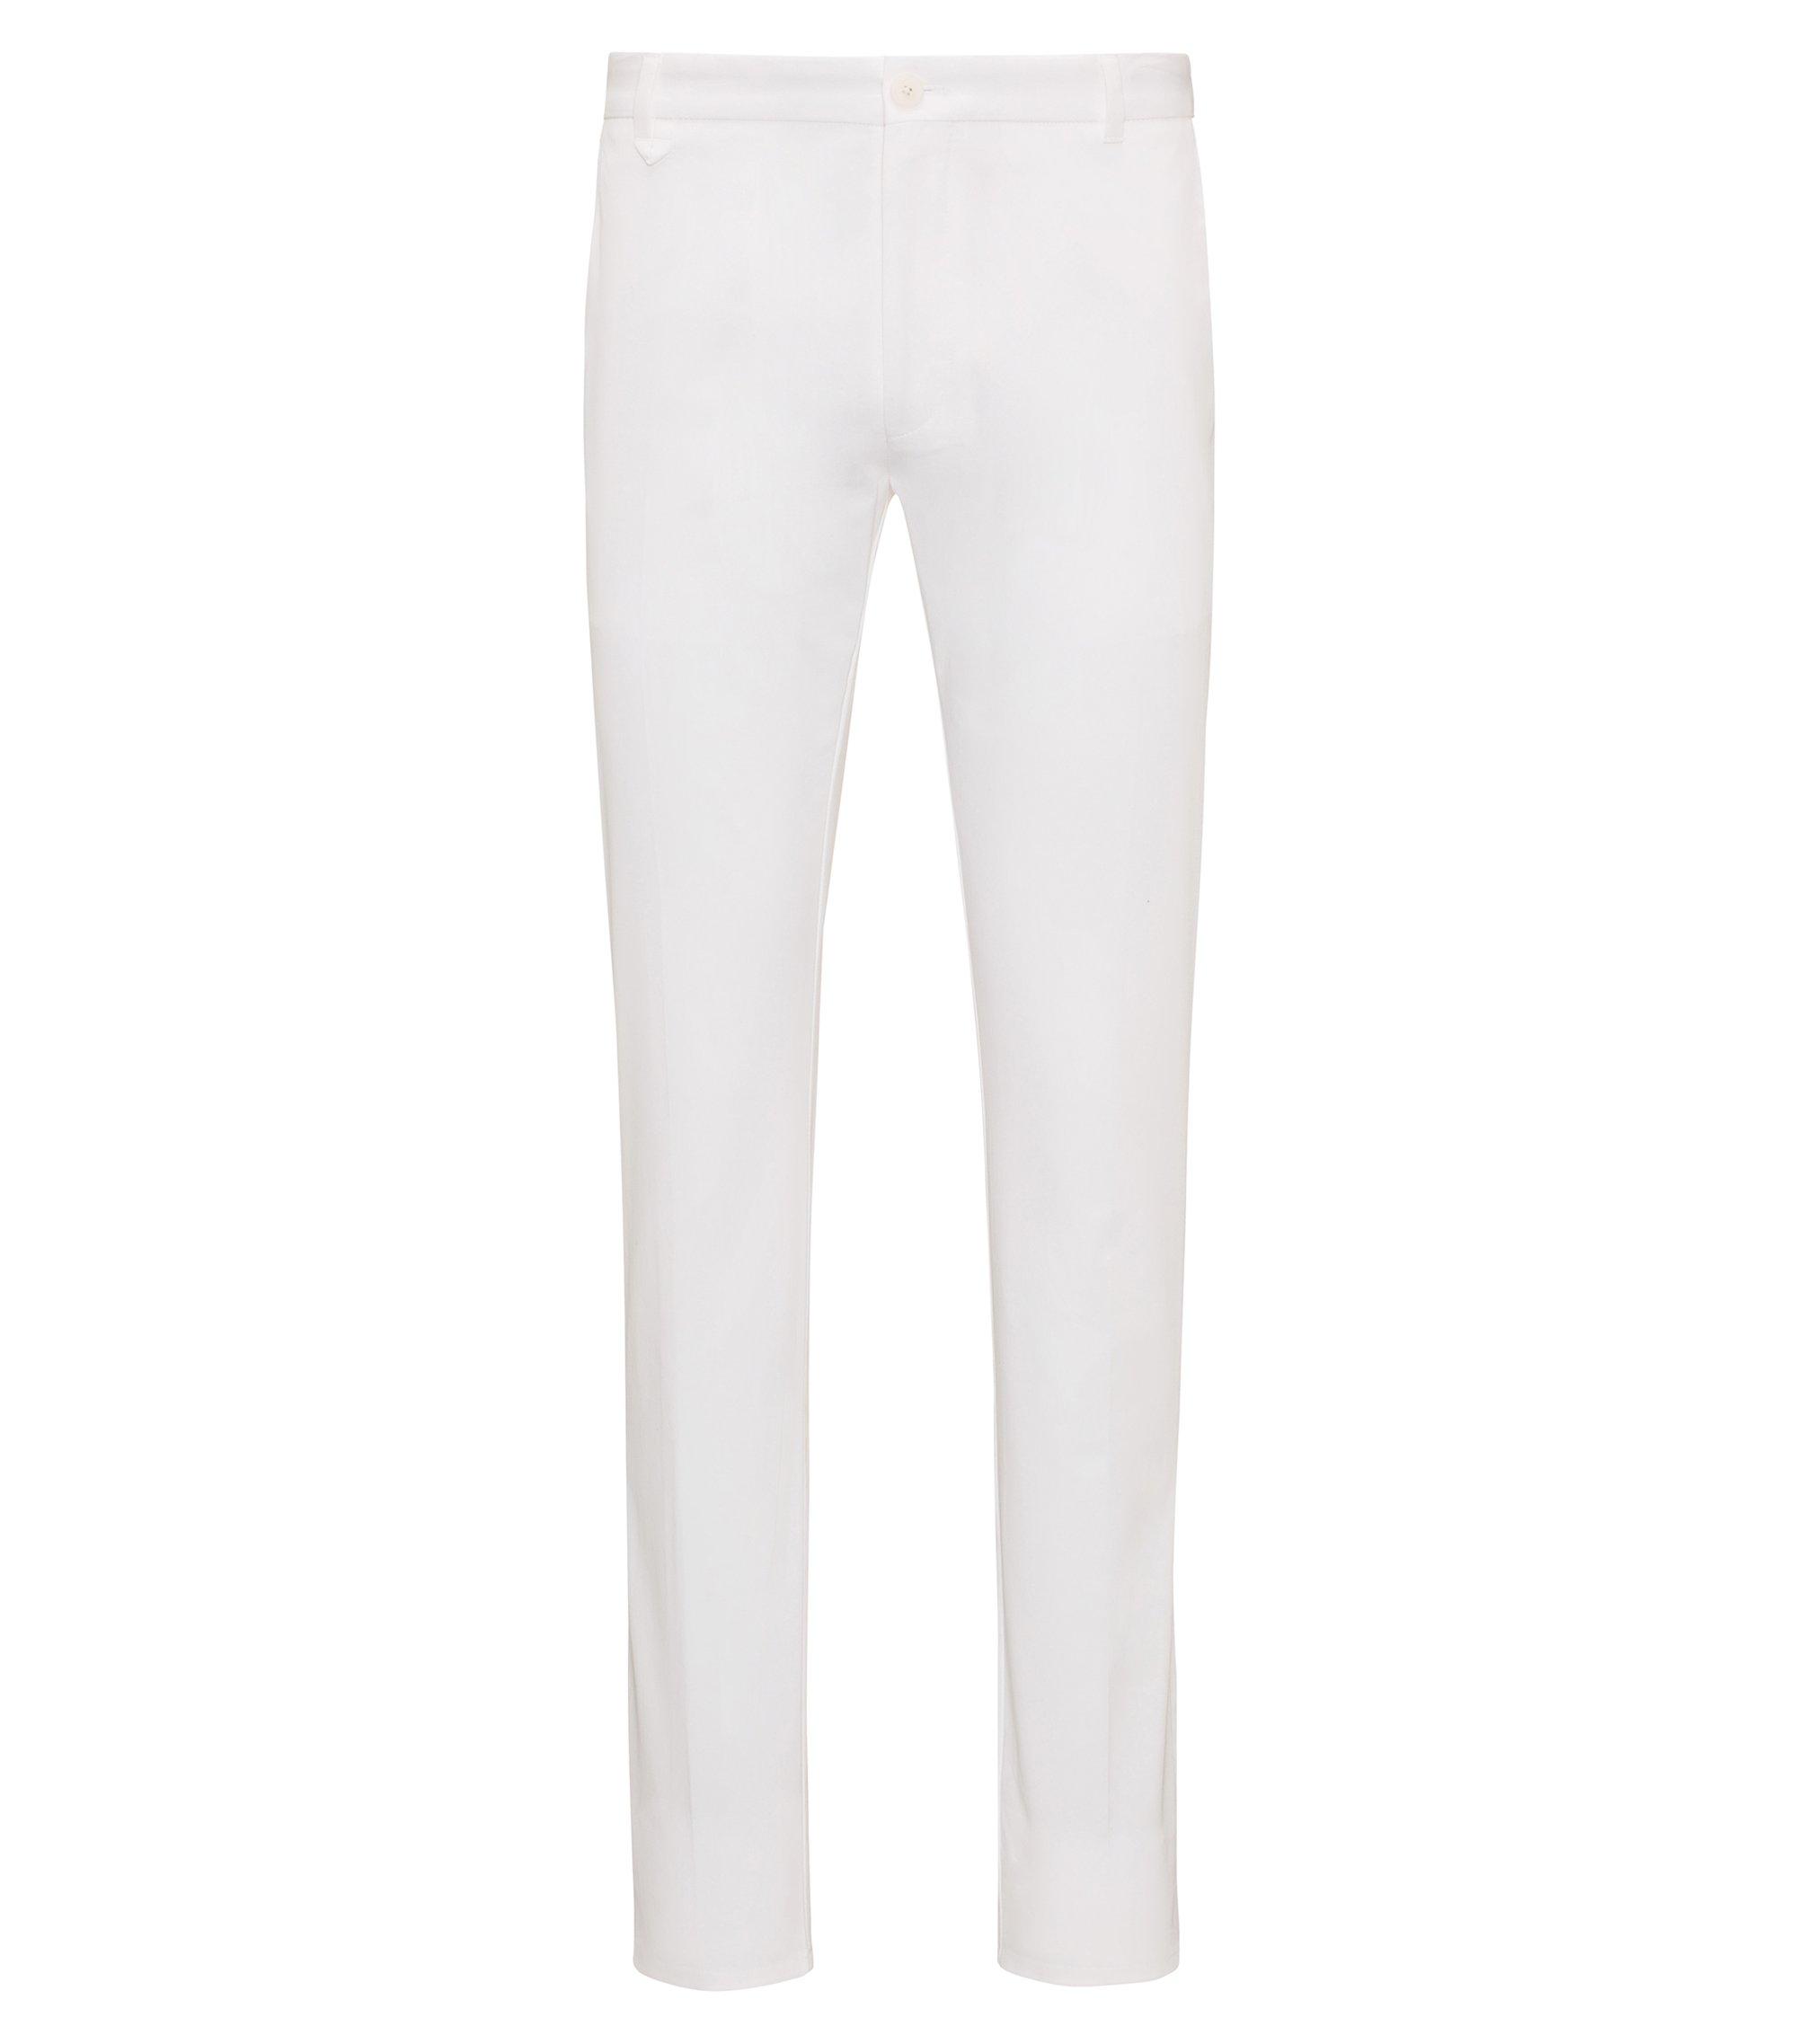 Extra Slim-Fit Hose aus Stretch-Baumwolle, Weiß